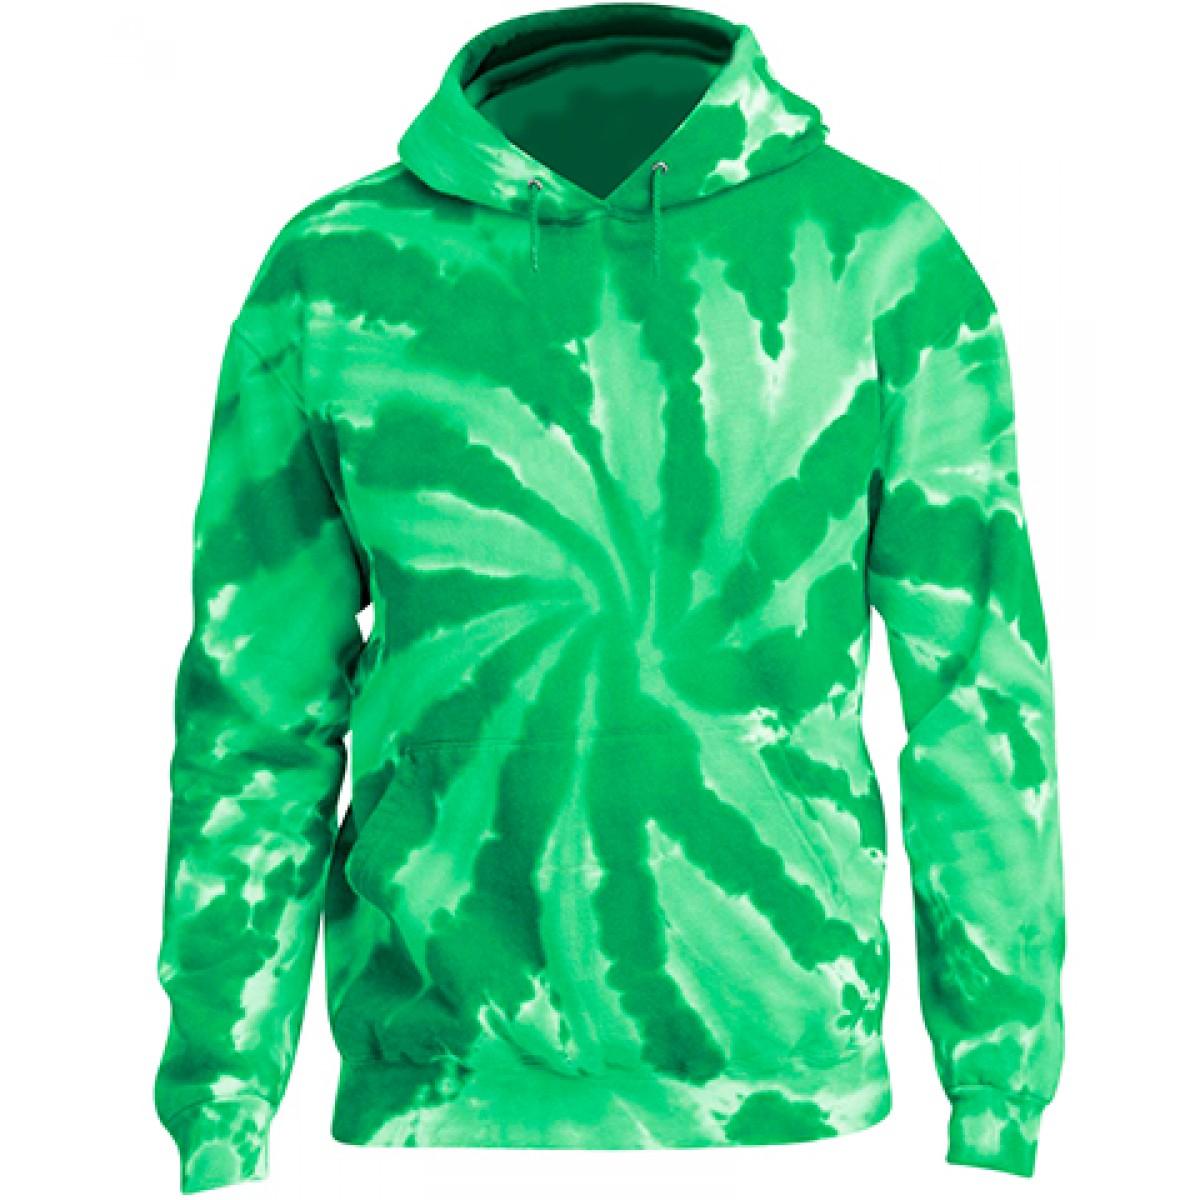 Tie-Dye Pullover Hooded Sweatshirt-Green-4XL